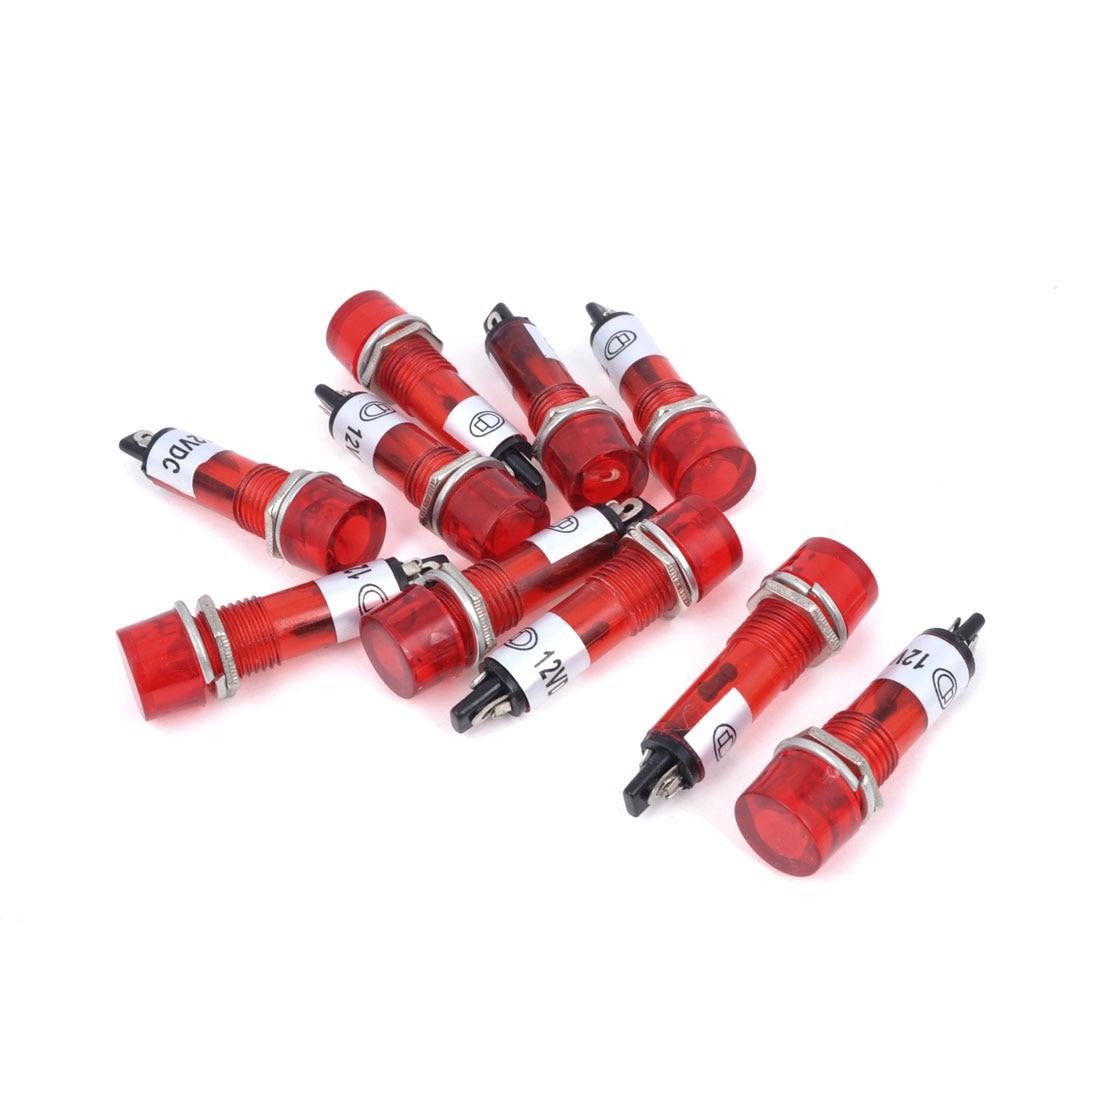 Uxcell 10 шт. красный свет AC DC 12 В индикатор сигнала питания Пилот лампа 9 мм хороший аксессуар